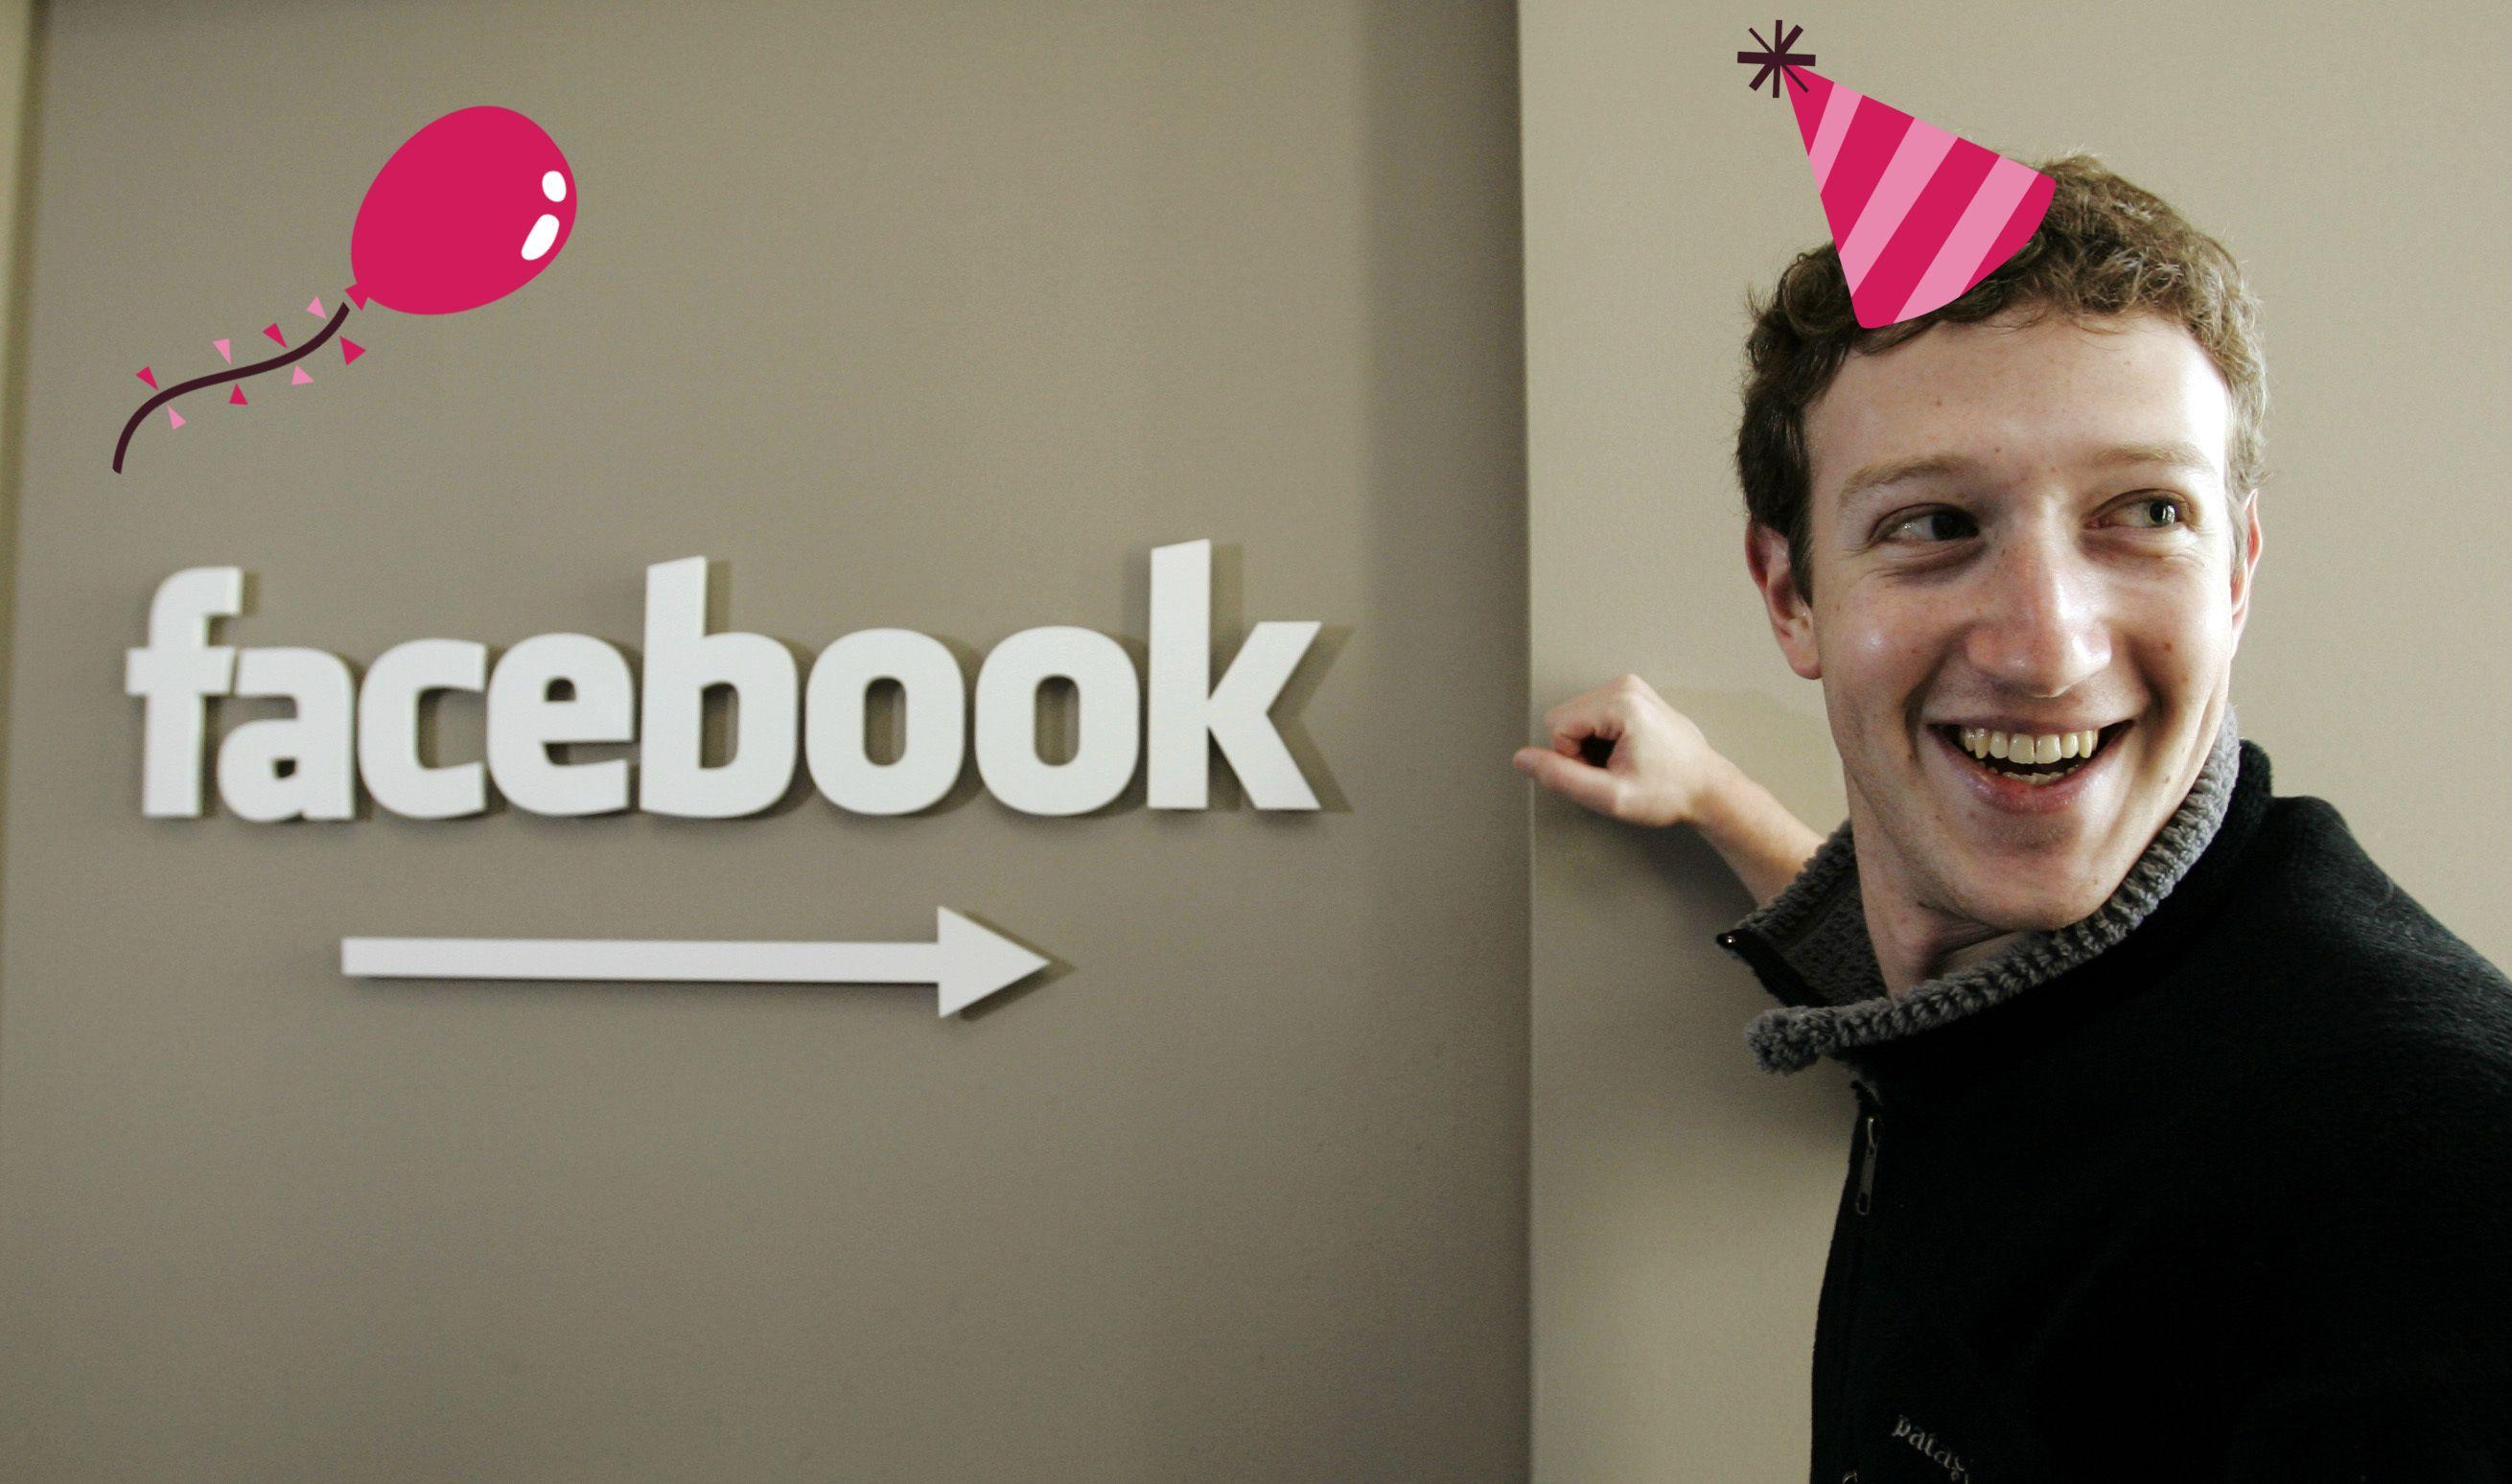 boldog szülinapot facebook Nyelv és Tudomány  Főoldal   Boldog születésnapot, Mark Zu izé  boldog szülinapot facebook